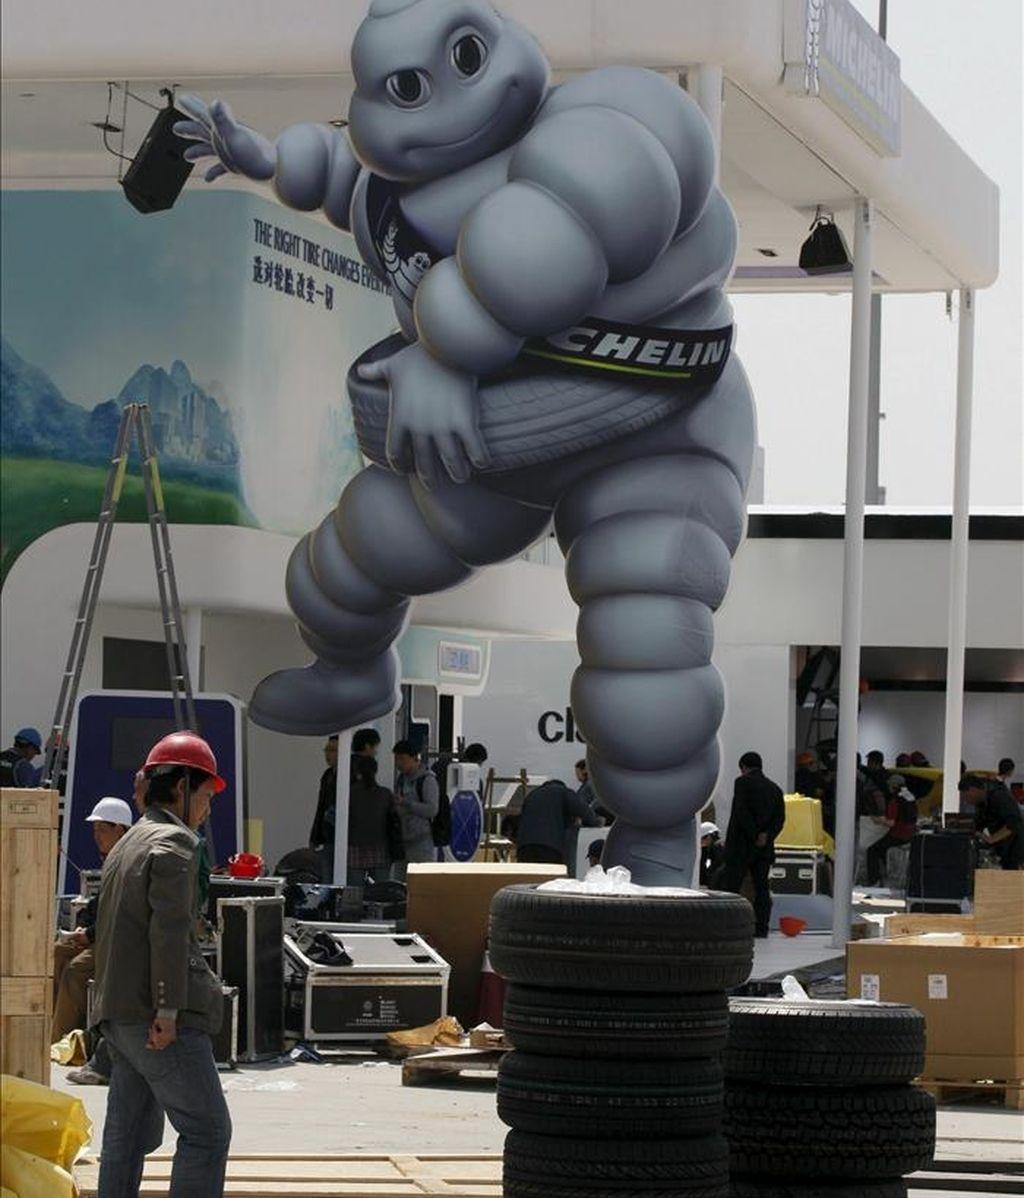 Operarios trabajan en la construcción del stand de Michelin en el Salón del Automóvil de Shanghái, China. EFE/Archivo